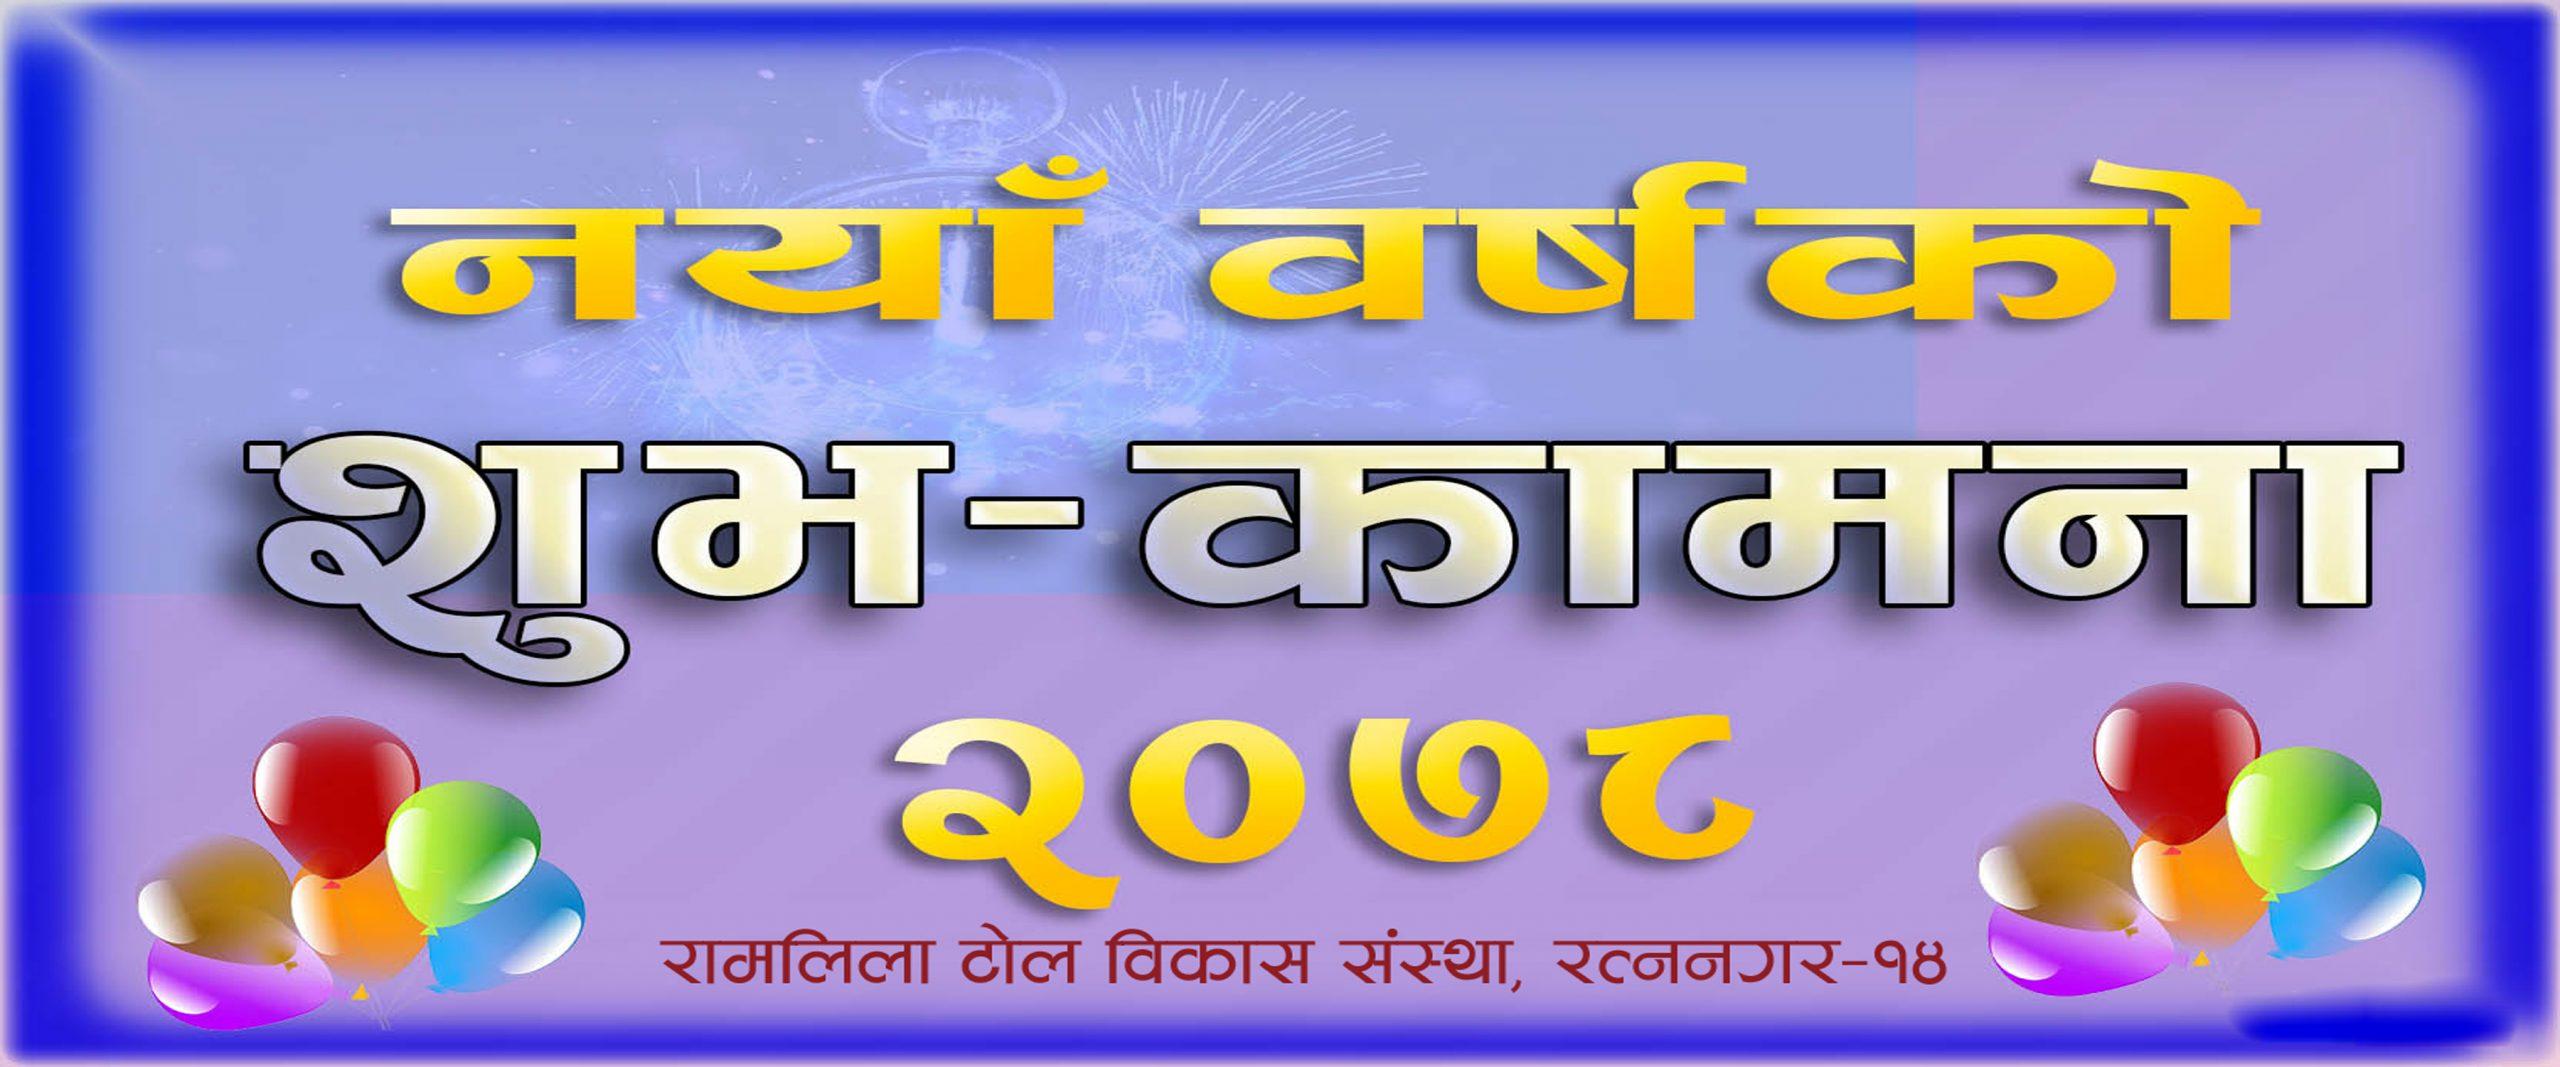 रामलिला टोलको नया वर्ष शुभकामना आदान प्रदान सम्पन्न